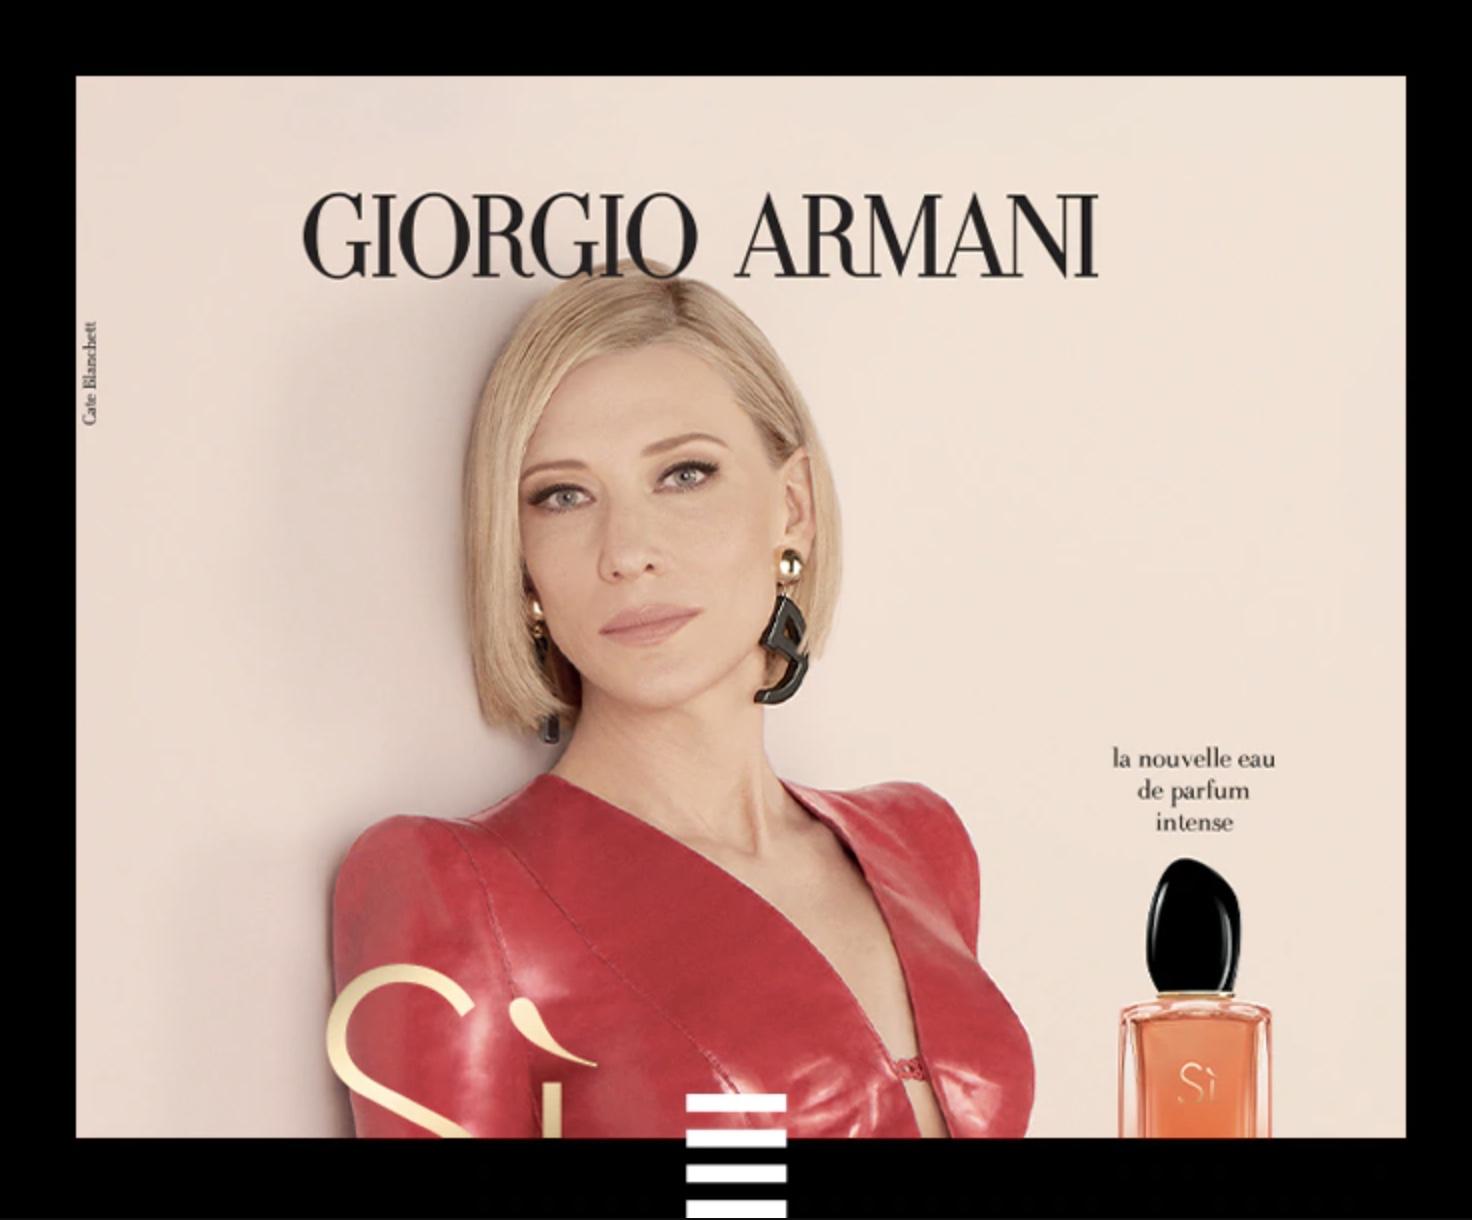 Code promo Sephora : Echantillons gratuits Parfum Georgio Armani Intense et Luminous Silk Quatro